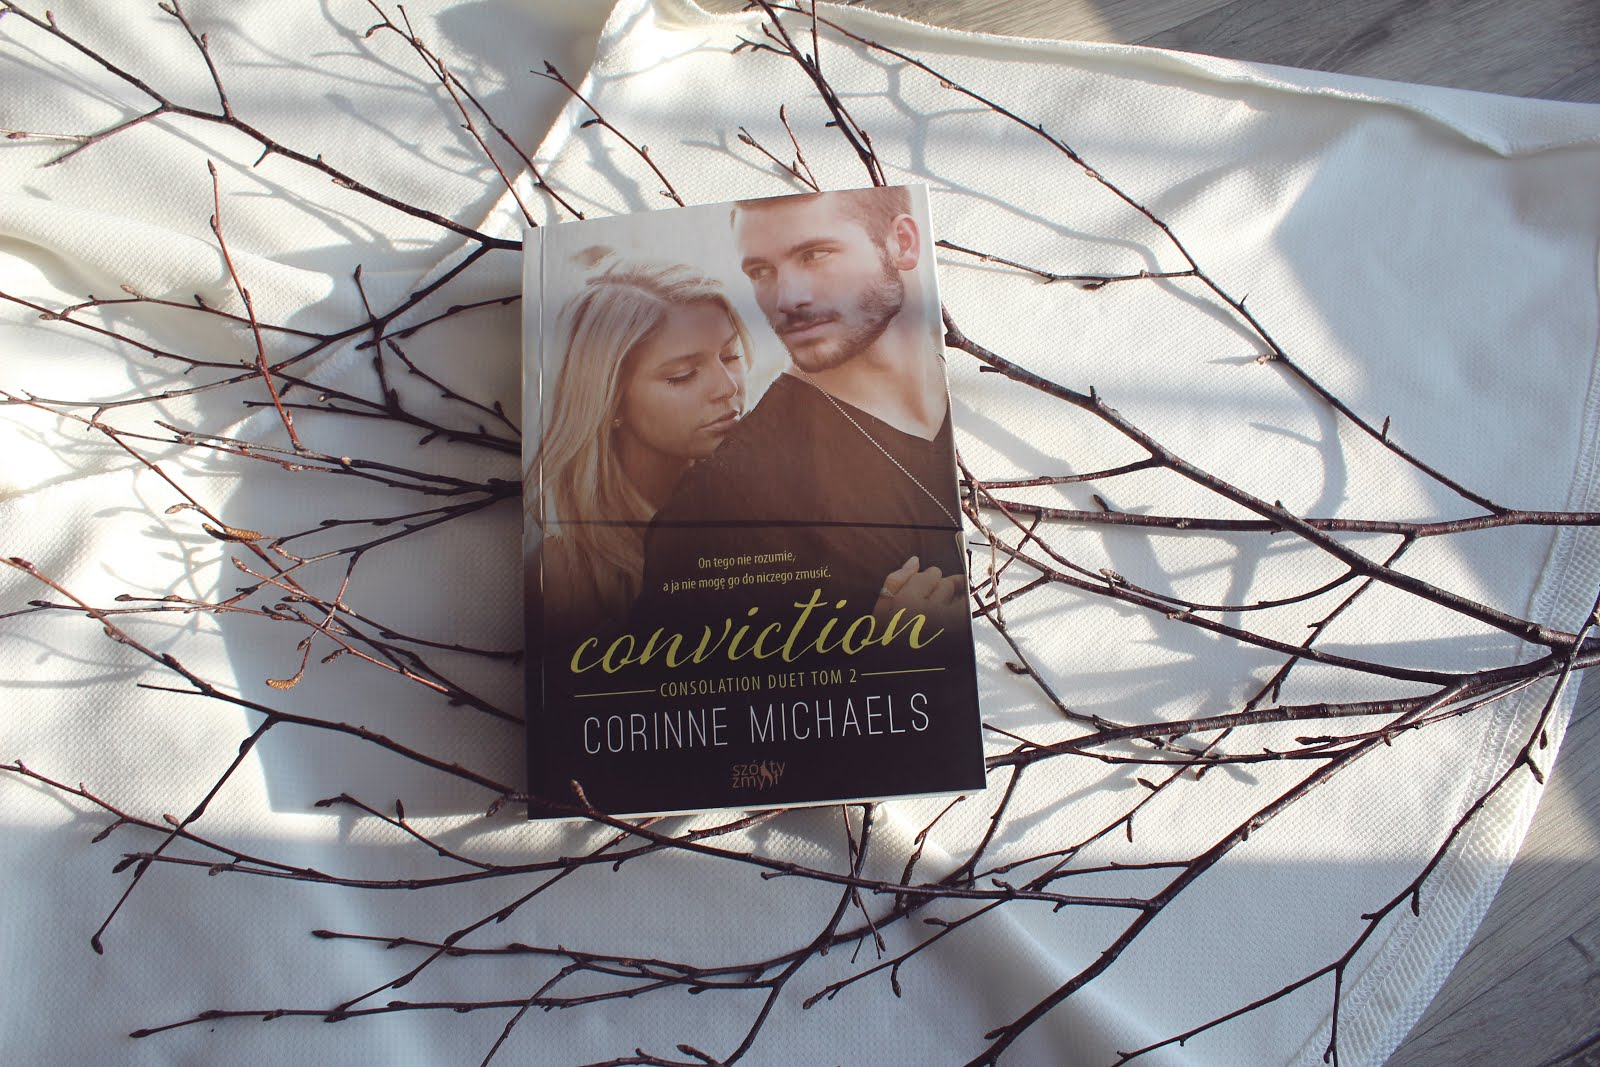 Wydawnictwo Szósty Zmysł, erotyka, romans, recenzja książki